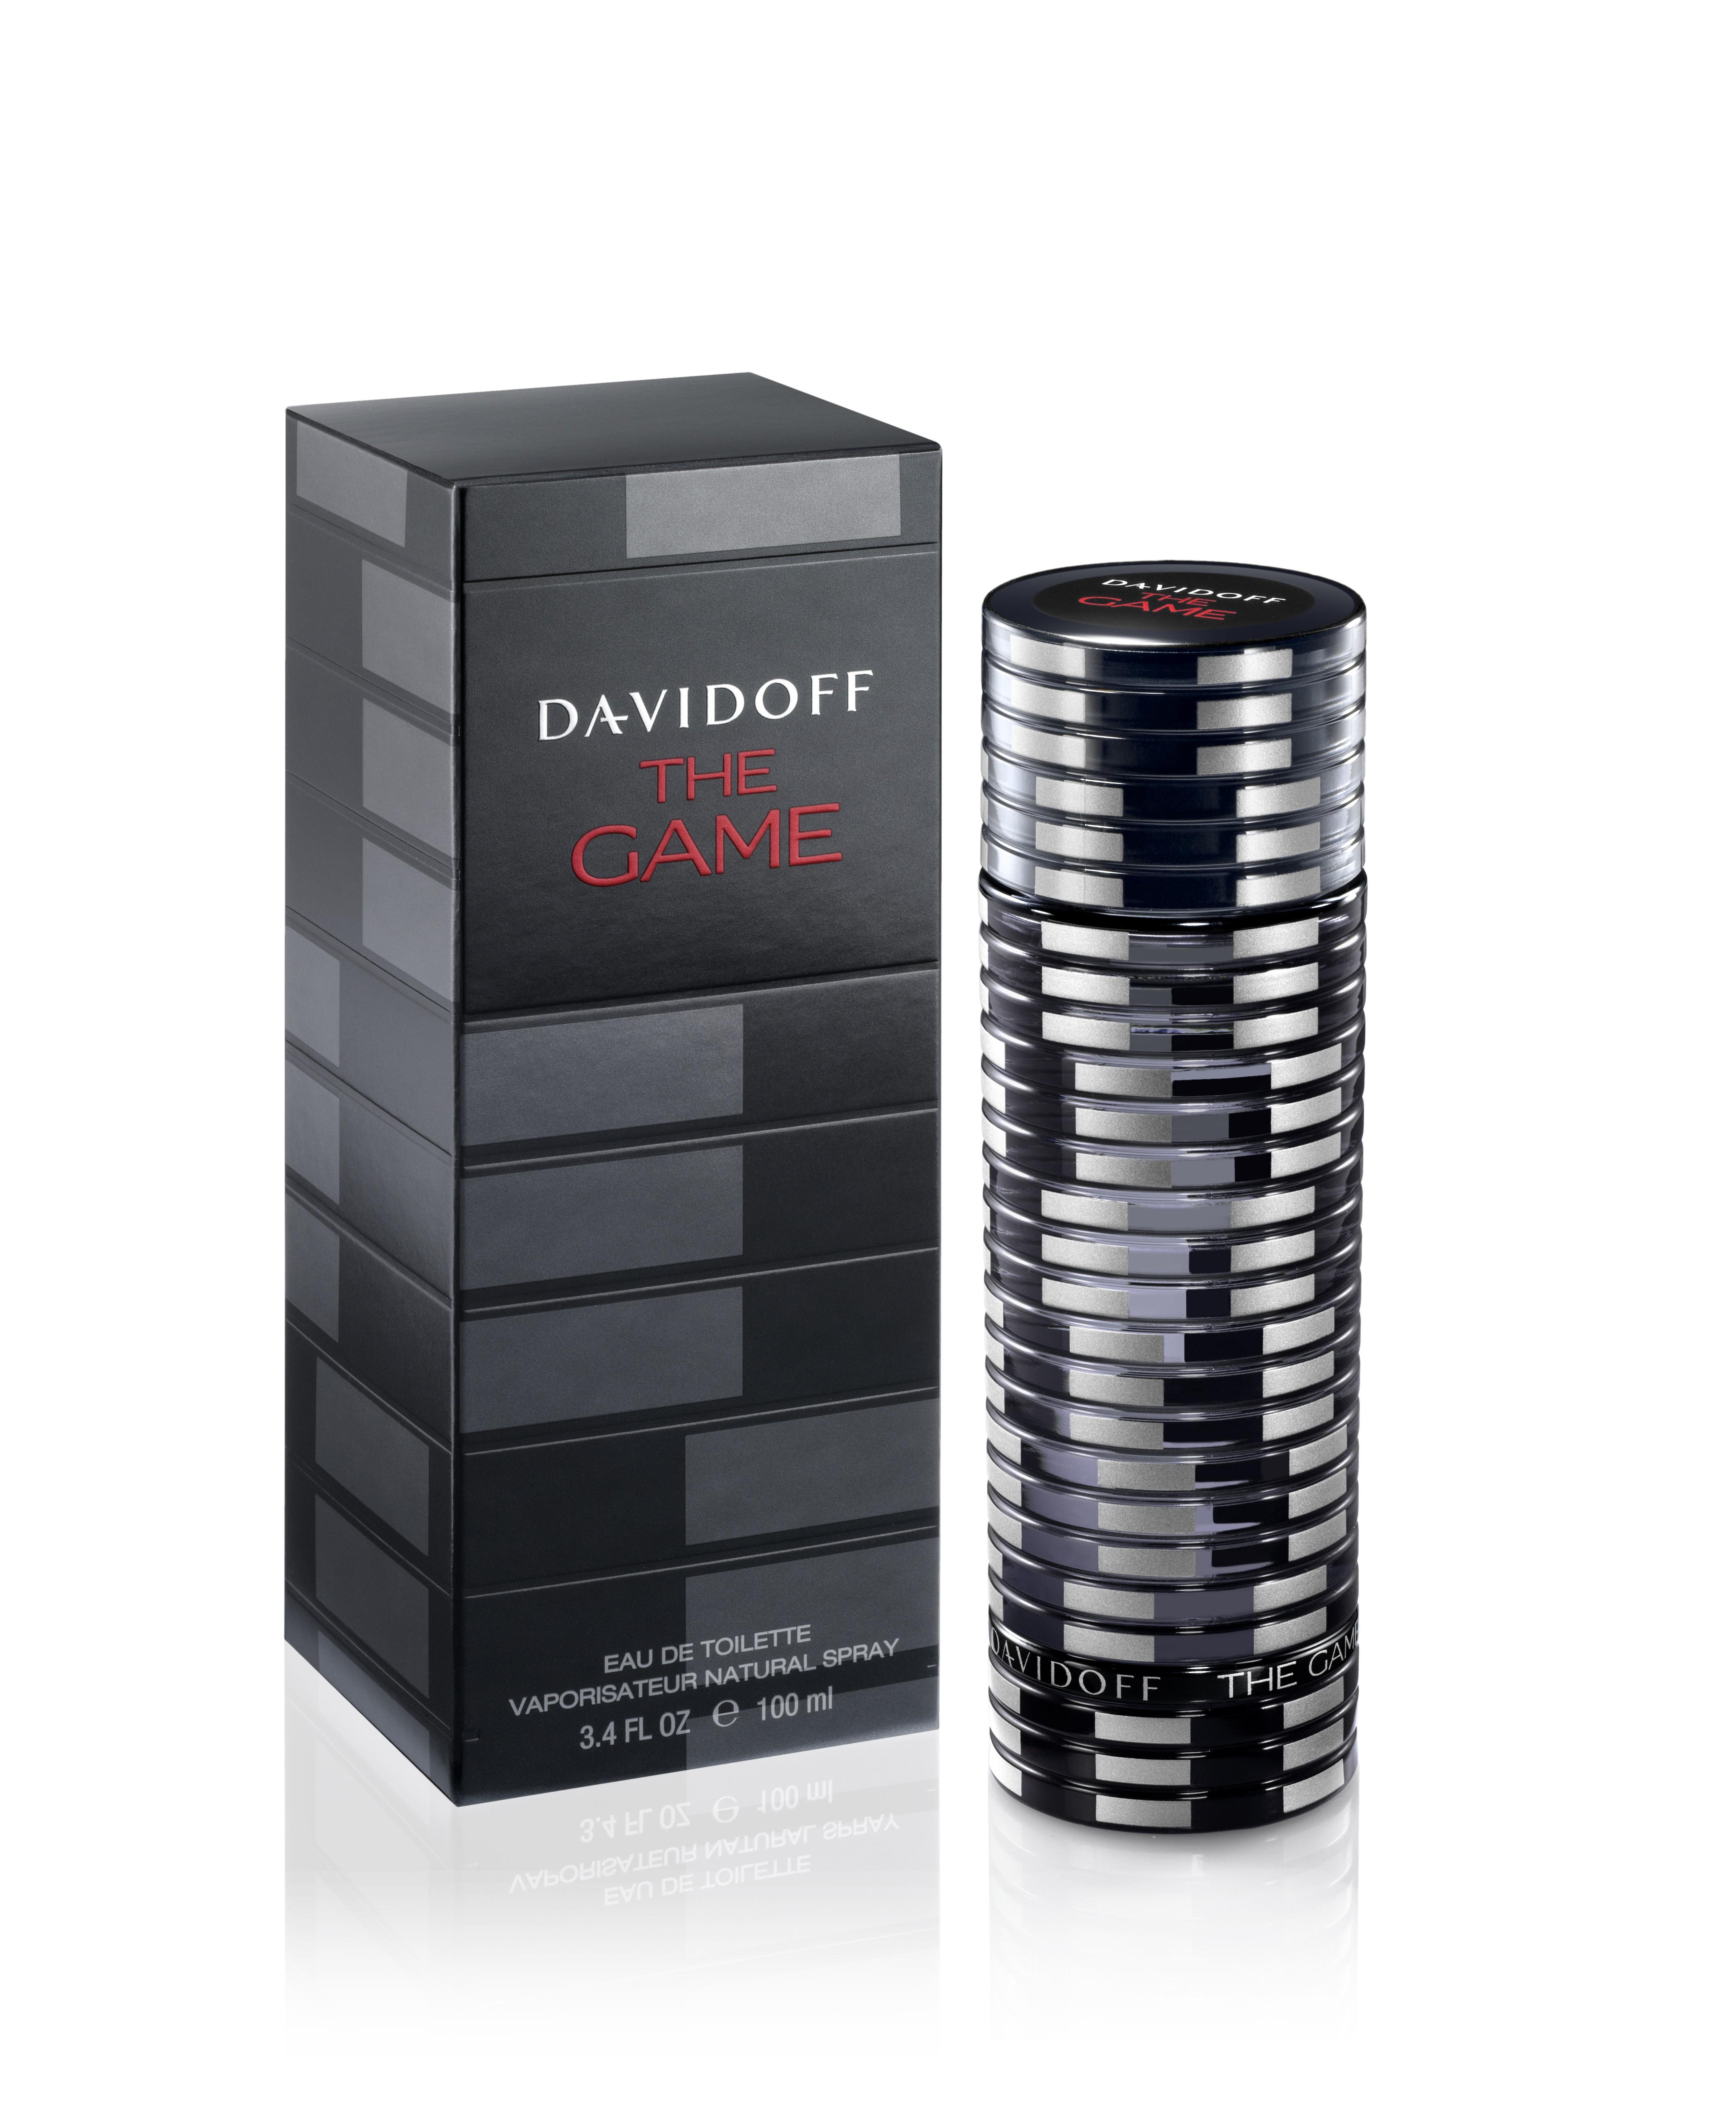 Davidoff The Game аромат для мужчин